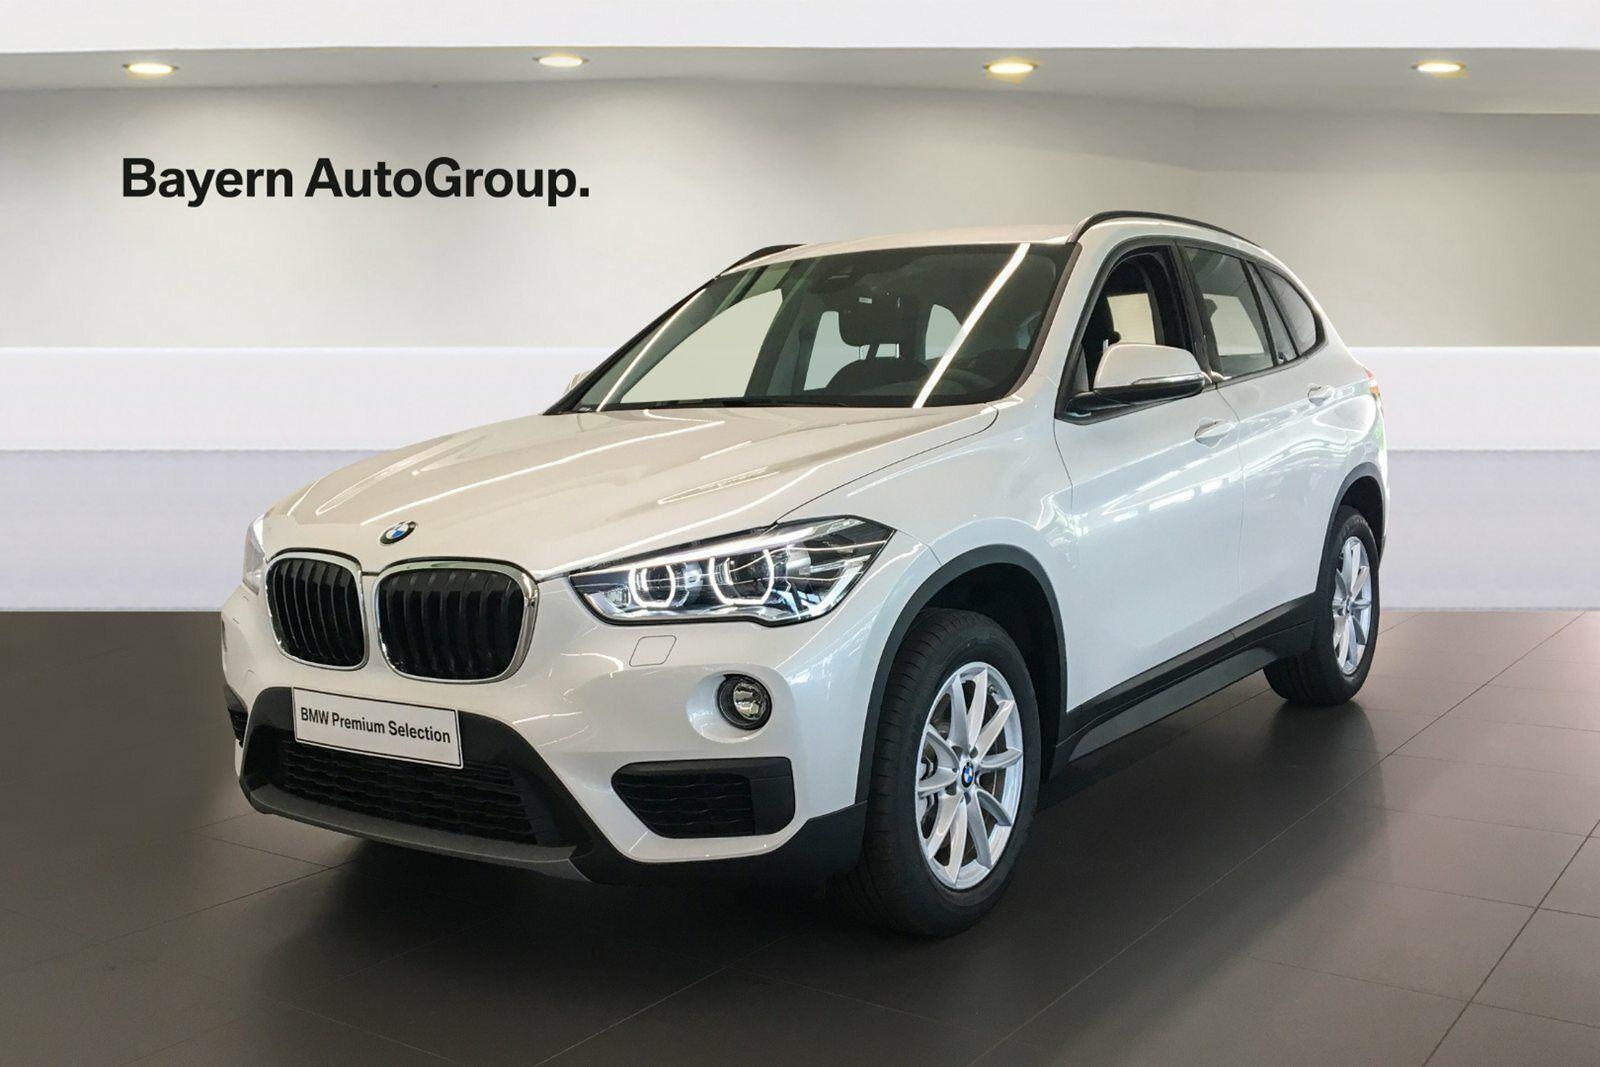 BMW X1 2,0 sDrive20d aut. 5d - 409.900 kr.